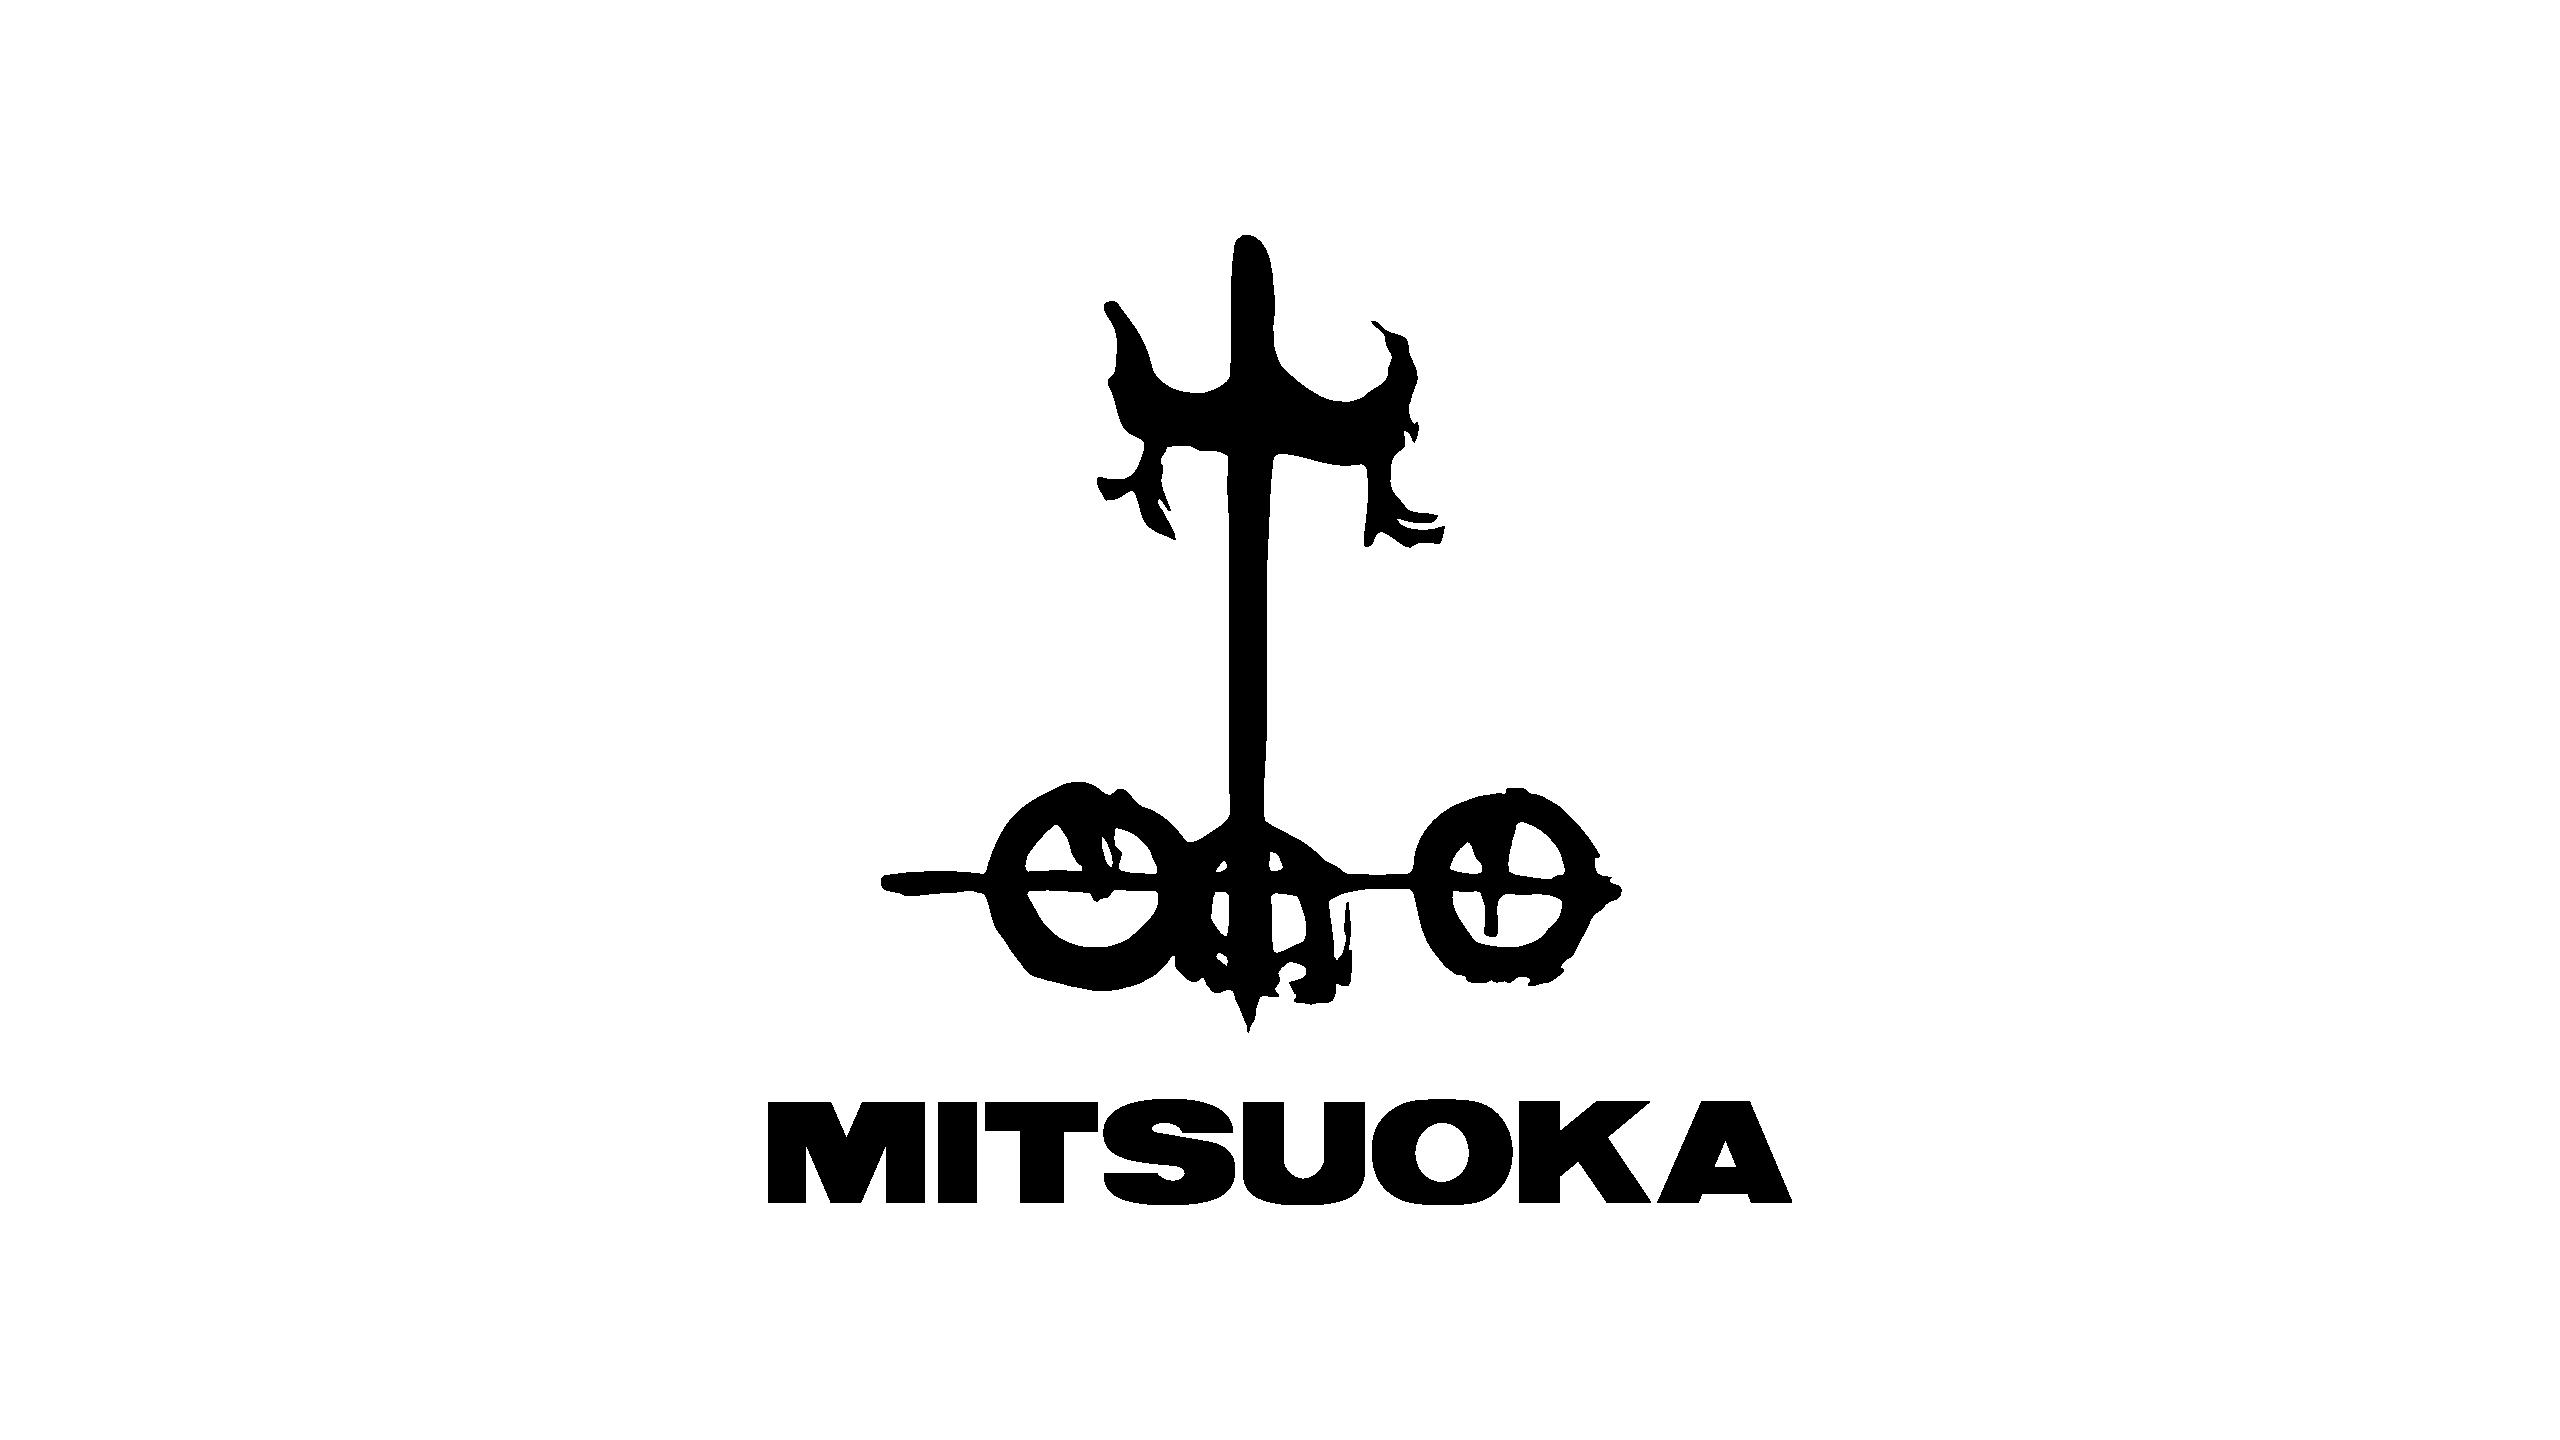 Mitsuoka Logo, HD, Png, Information | CarLogos.org